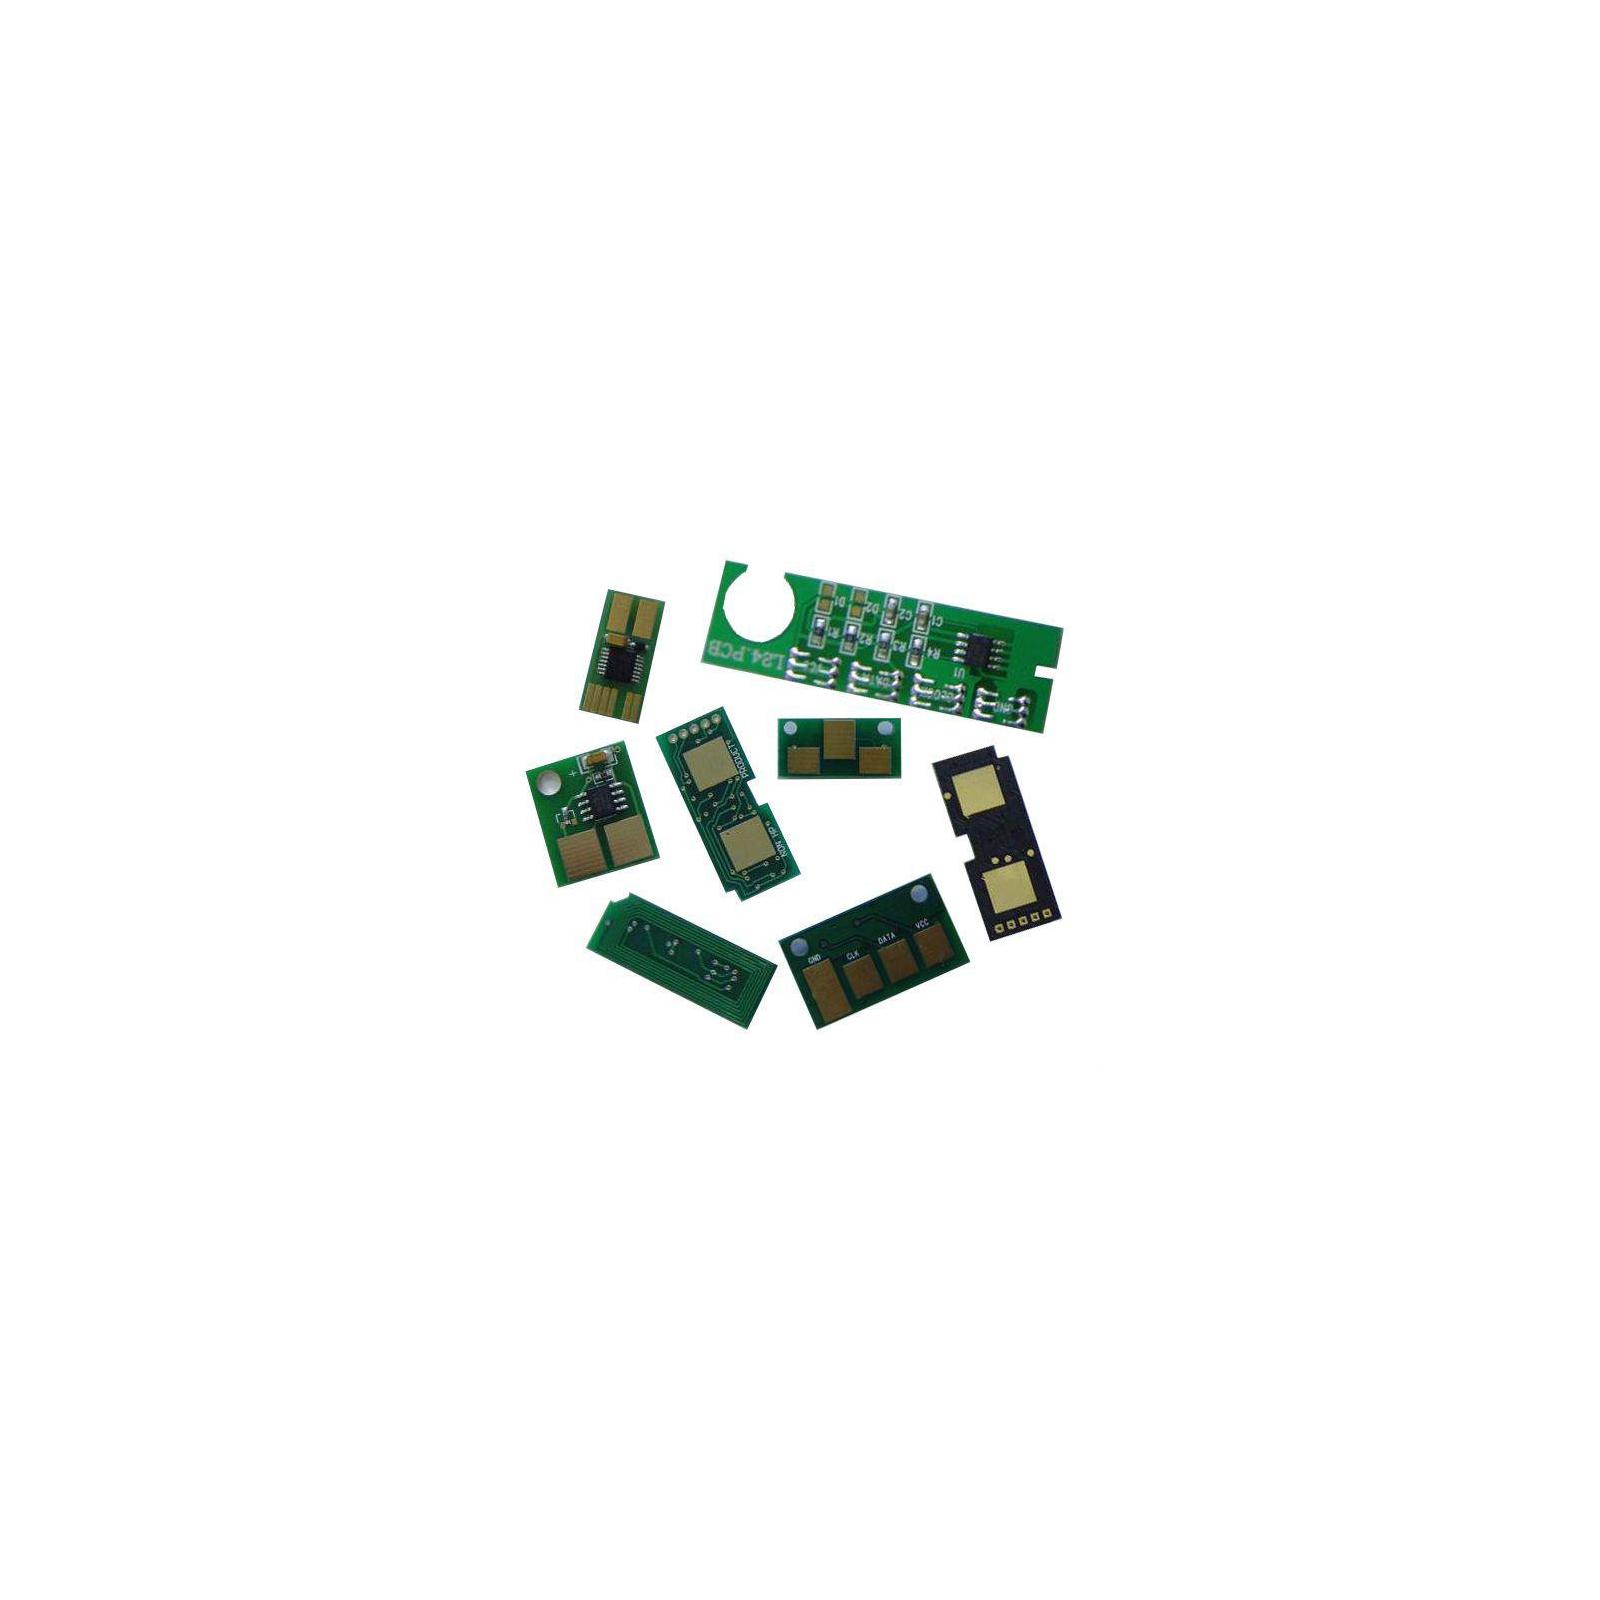 Чип для картриджа EPSON T2632 26XL ДЛЯ XP-600/700 CYAN Apex (CHIP-EPS-T2632-C)